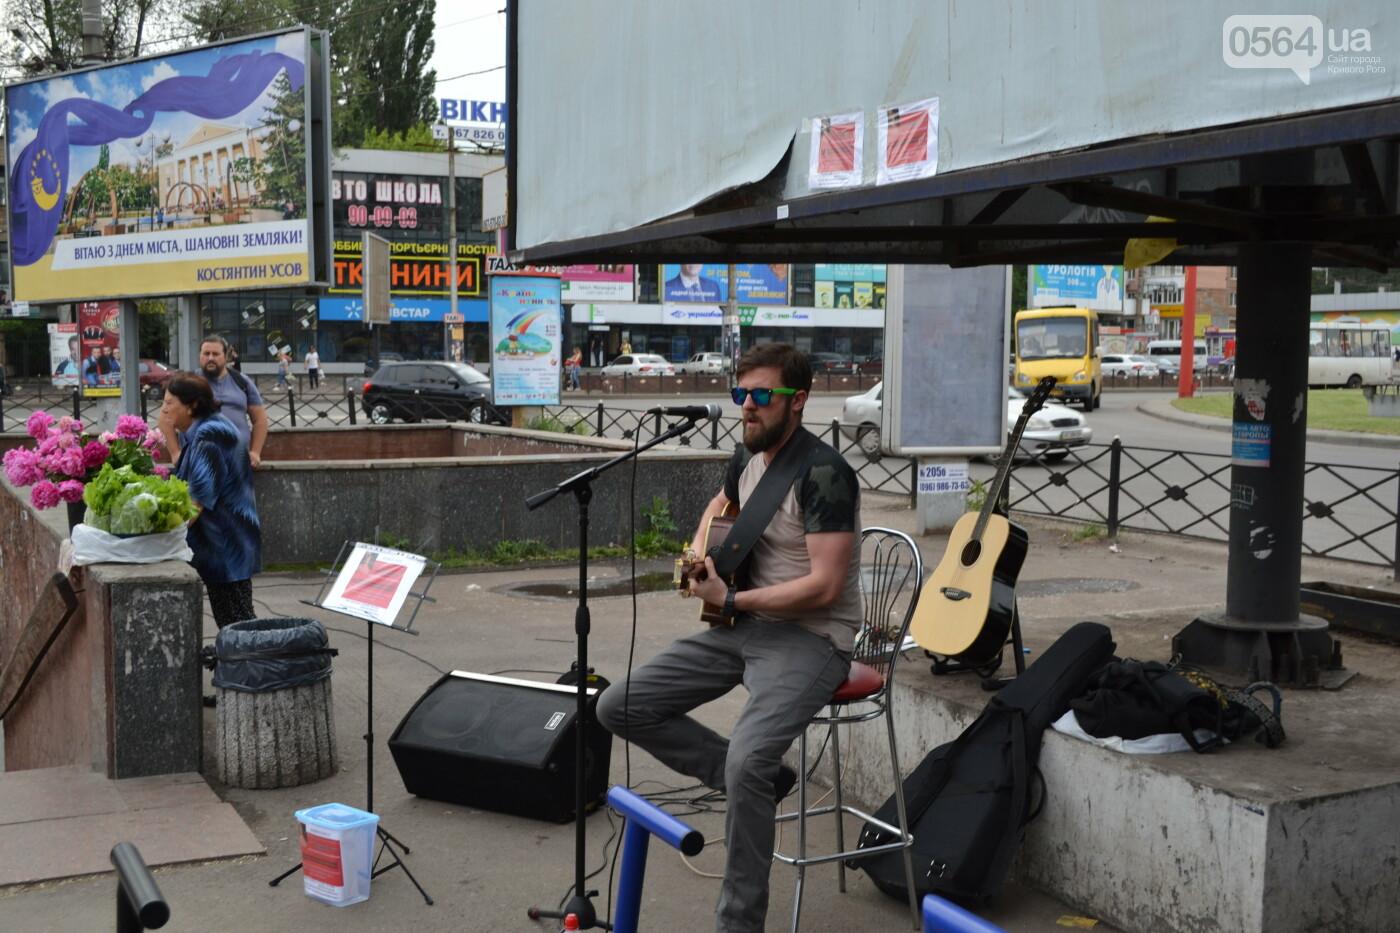 Концерт от Madisan Rock Club: криворожские музыканты поддержали юную Алину Михалковскую, - ФОТО, ВИДЕО, фото-8